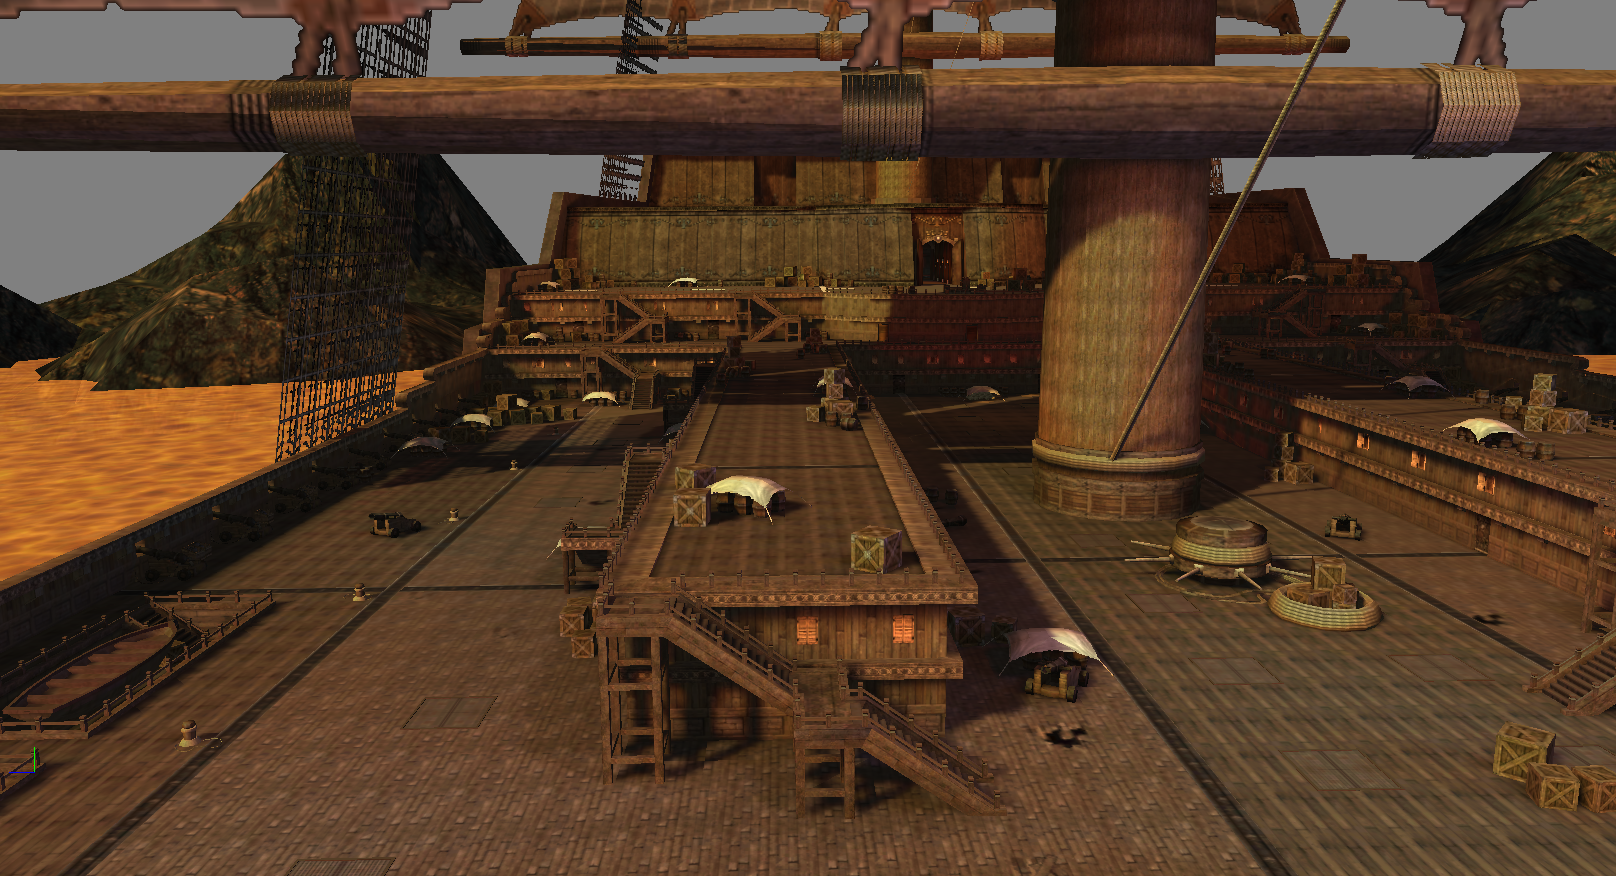 «Karos: Начало» обновилась!  NIKITA ONLINE и NHN Corporation запустили обновление для игры «Karos: Начало»: силе, см ... - Изображение 1